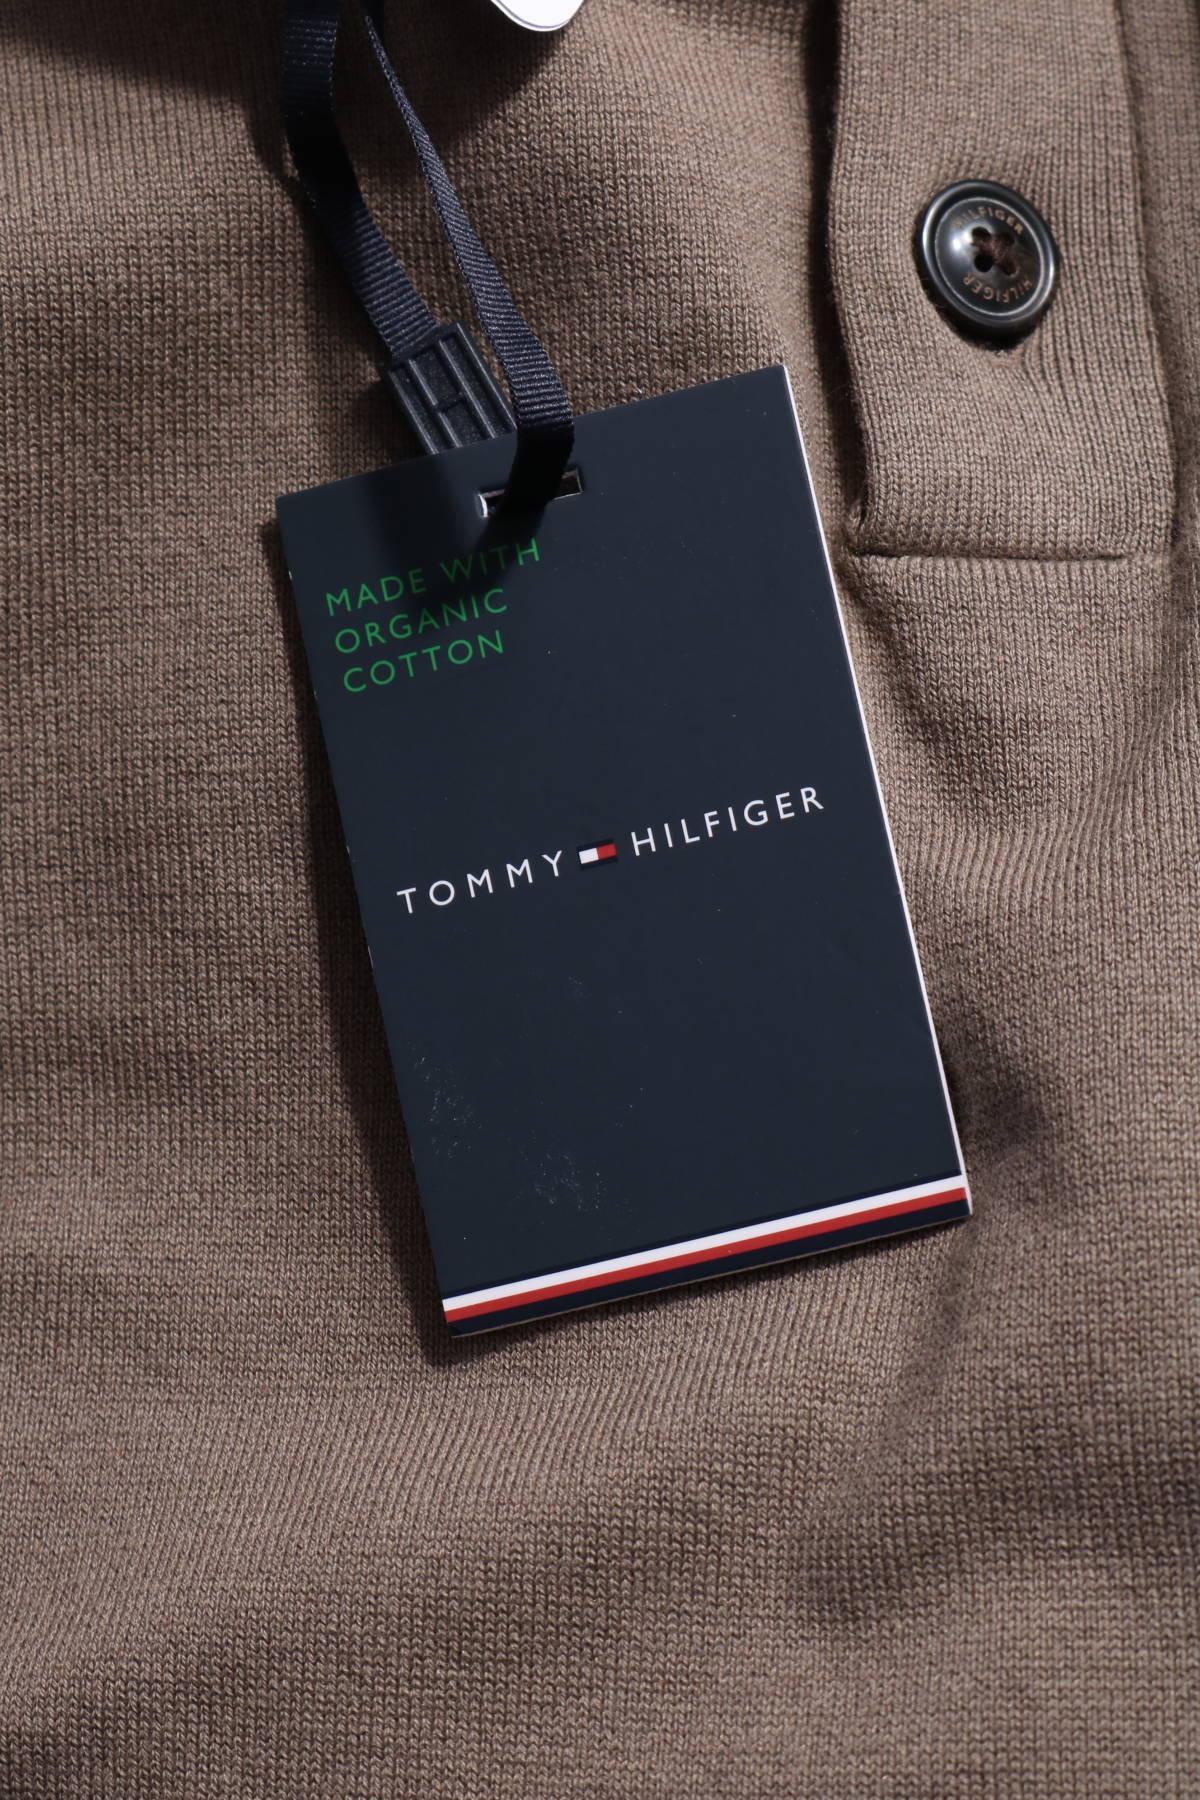 Пуловер с поло яка Tommy Hilfiger3